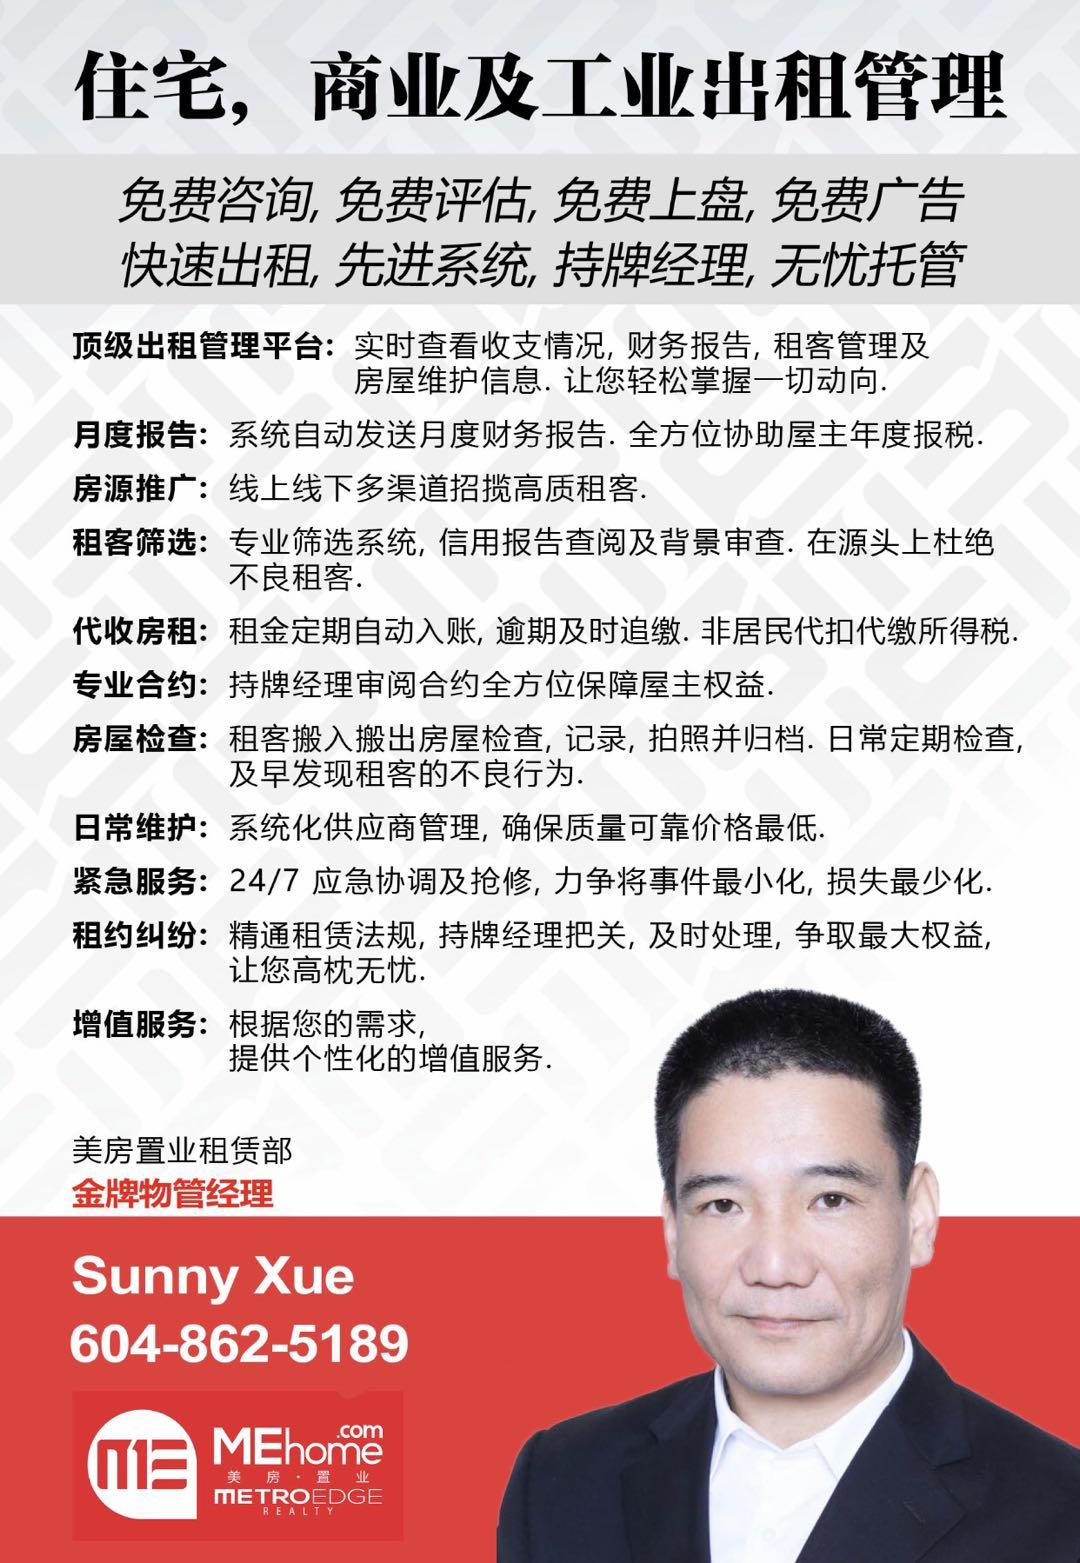 Sunny Xue 美房置业物业管理 - 专业敬业 经验丰富 铁面不私 只为房东